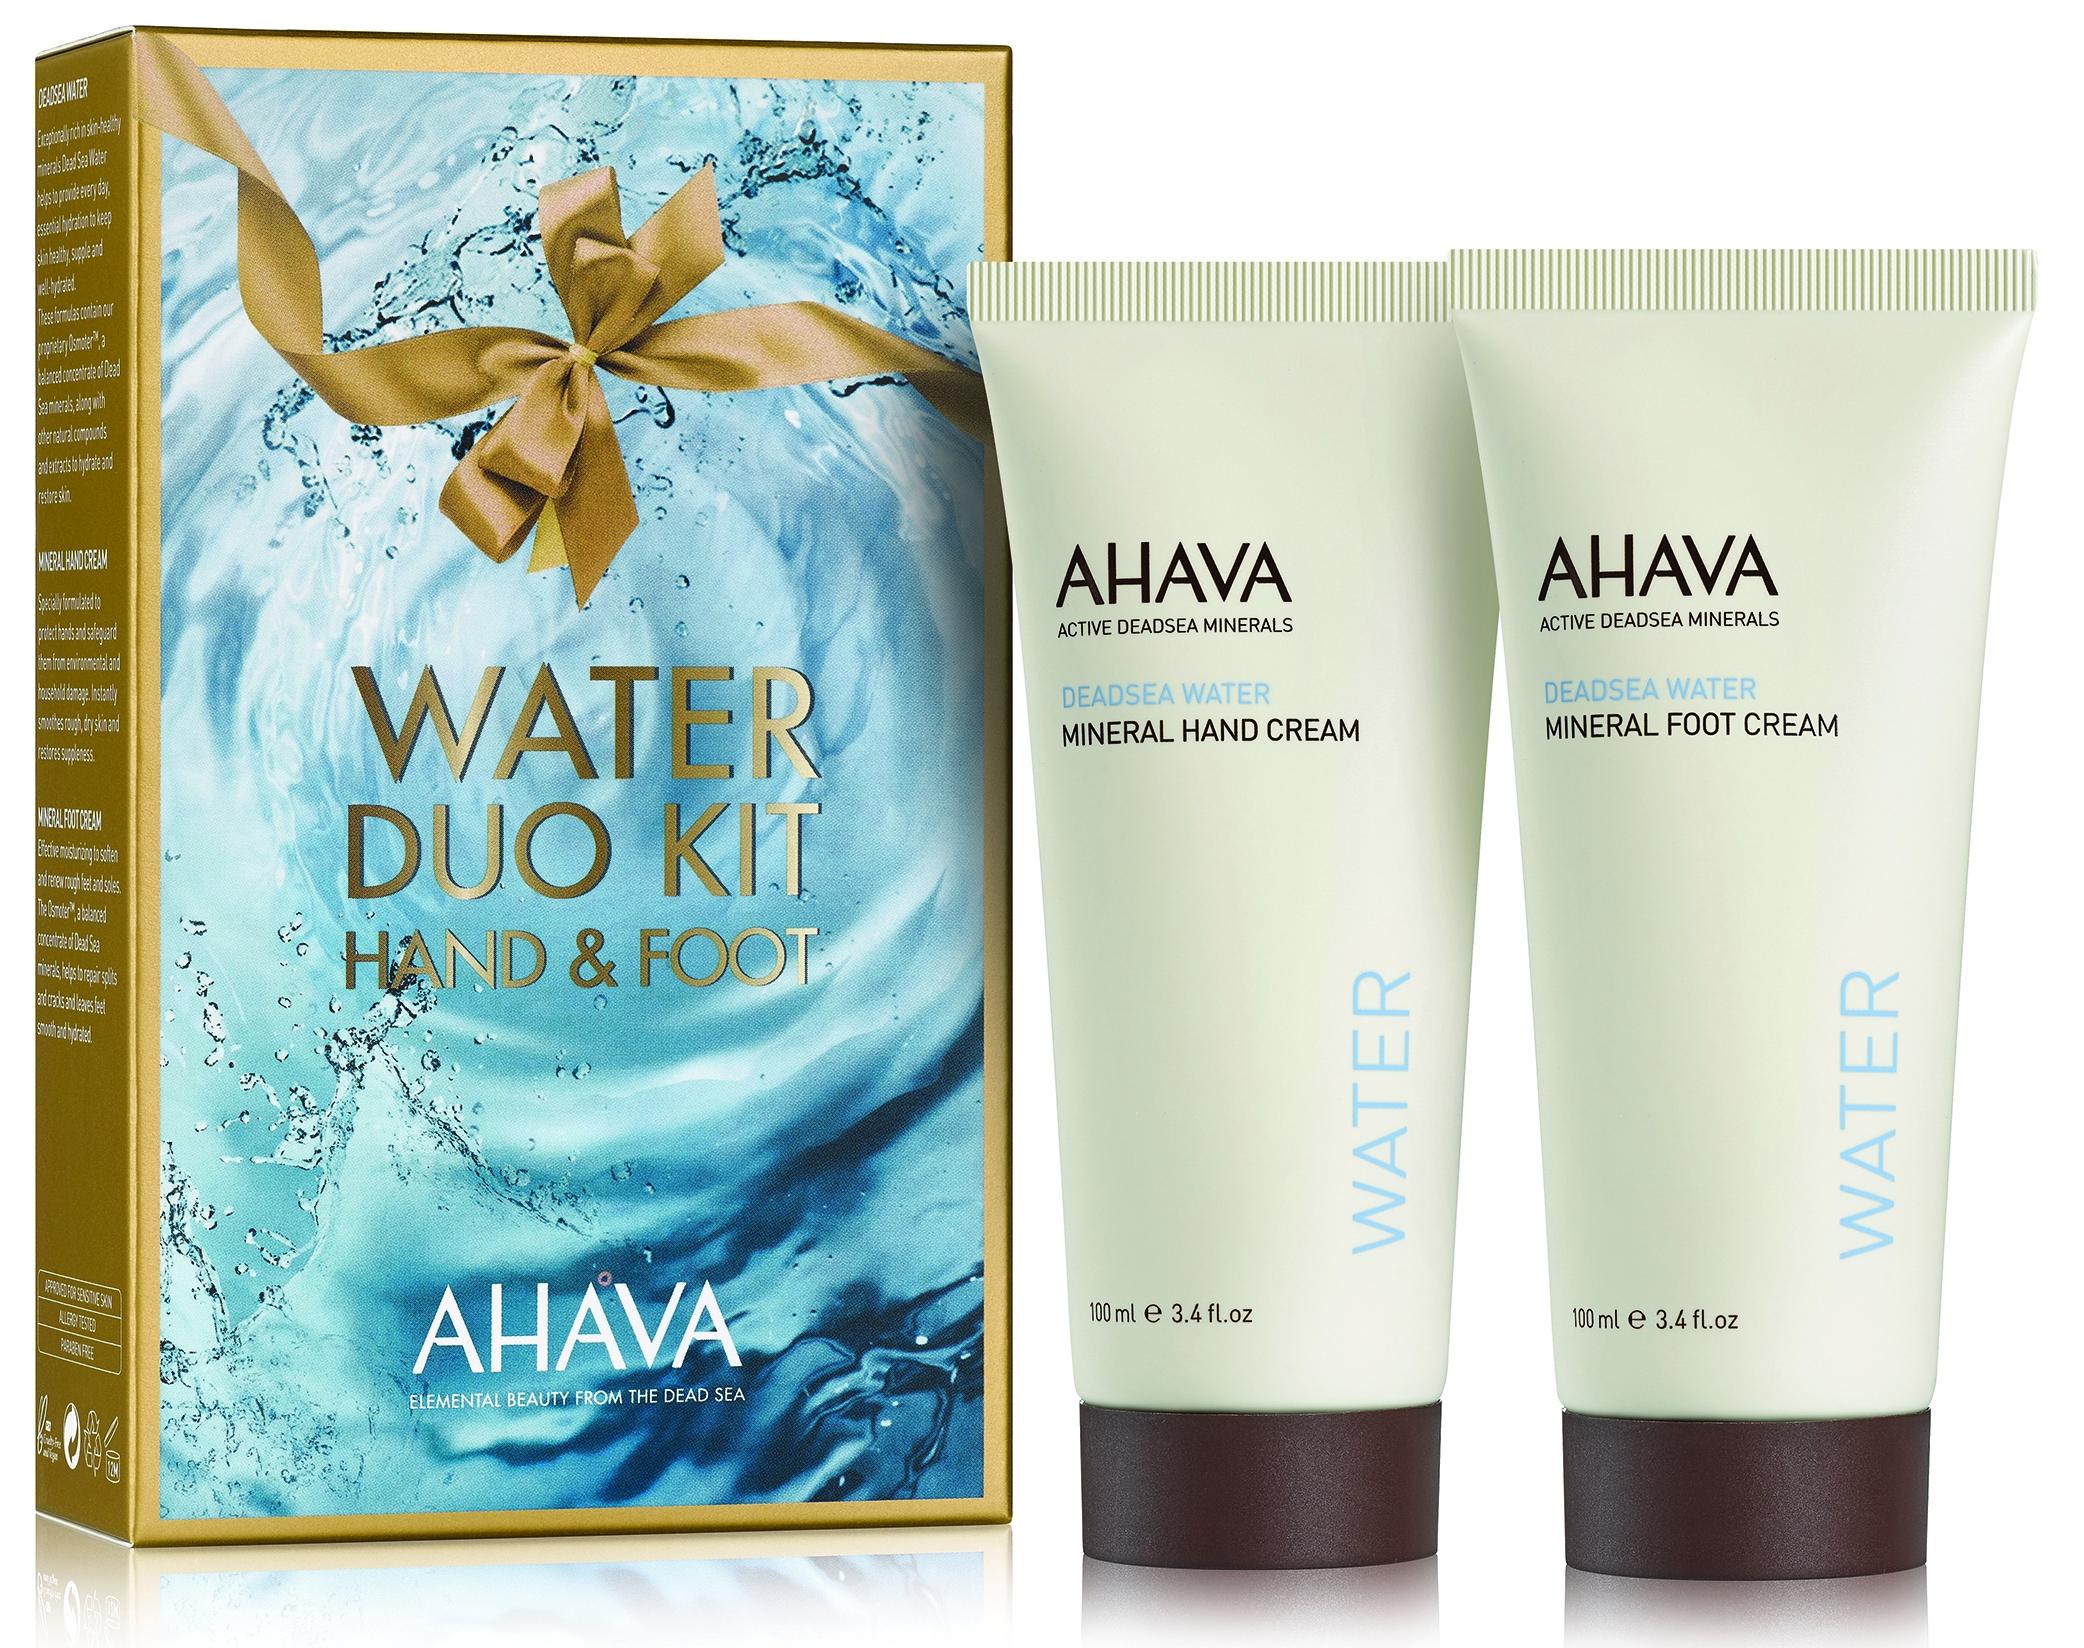 AHAVA Набор для тела (крем минеральный для рук 100 мл, крем минеральный для ног 100 мл) / Deadsea Water набор крем для рук для ног farmstay набор крем для рук для ног